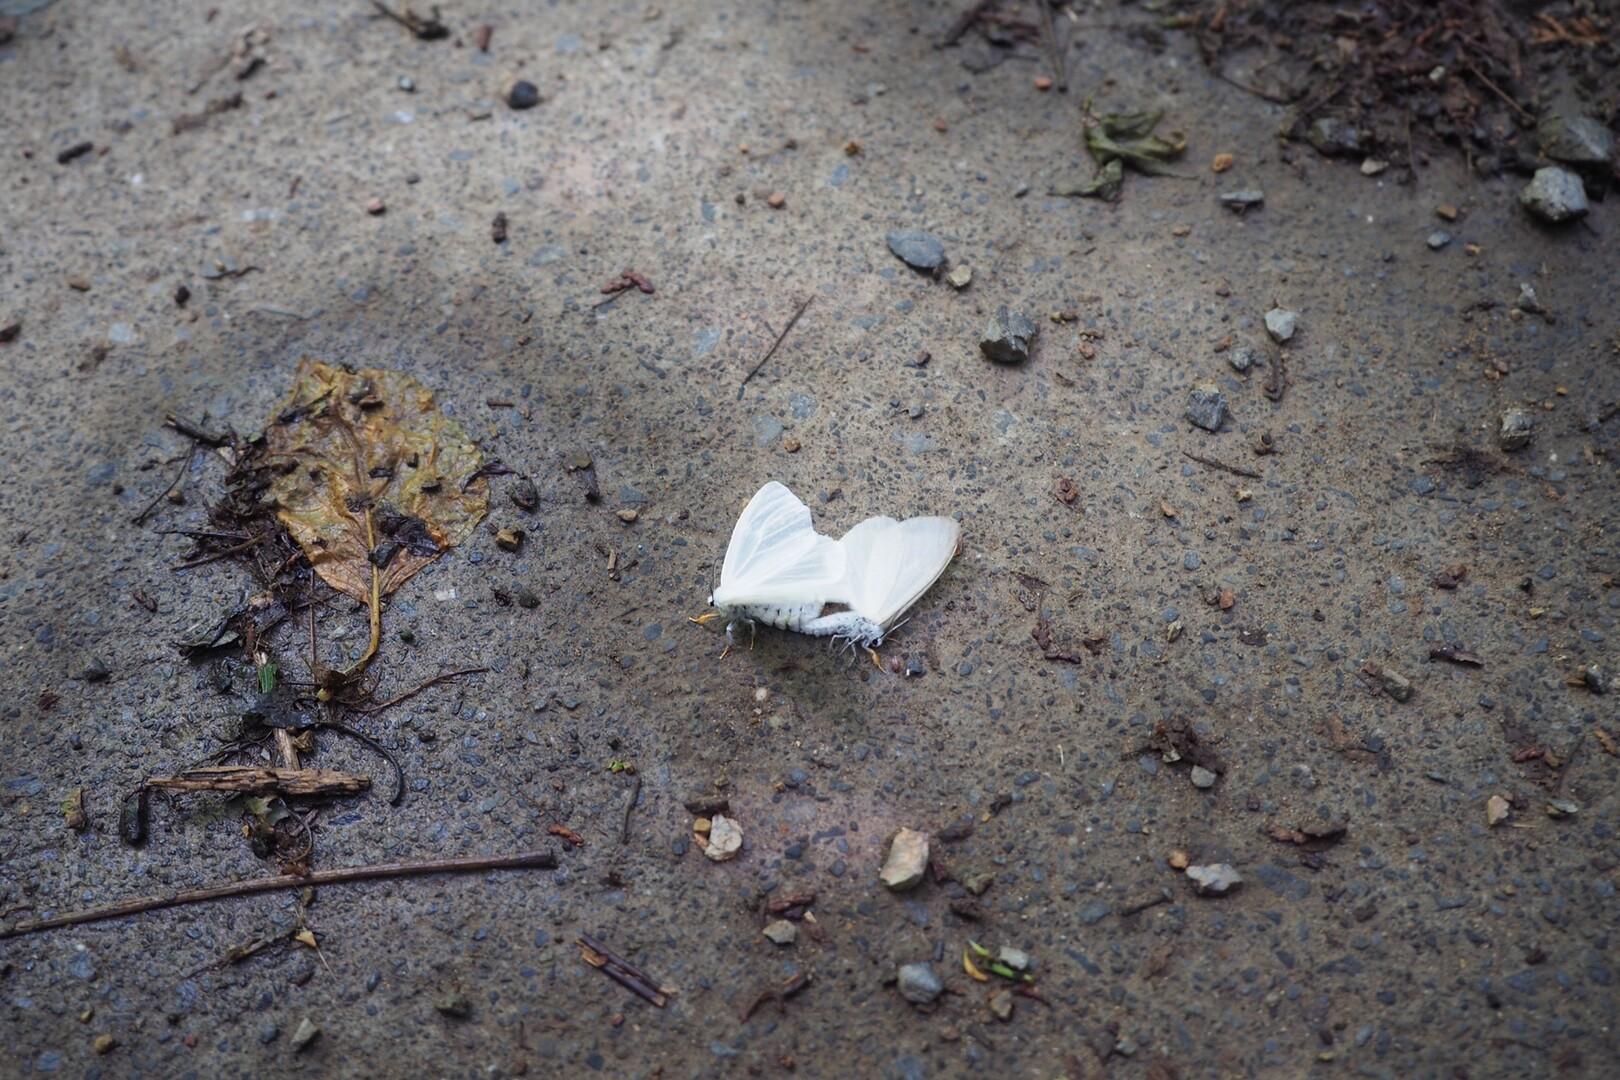 あ、大量に飛んでいたのはこいつらだわ!<br> <br> ◯◯シロエダシャクとかいうらしい。<br> 蝶みたいに綺麗。<br> <br> このカップル、どうやらつながったままオスが息絶えた模様。<br> メスが動かぬオスを引きずっていました。<br> 昆虫の世界はなんと儚いことよ、、、🥺